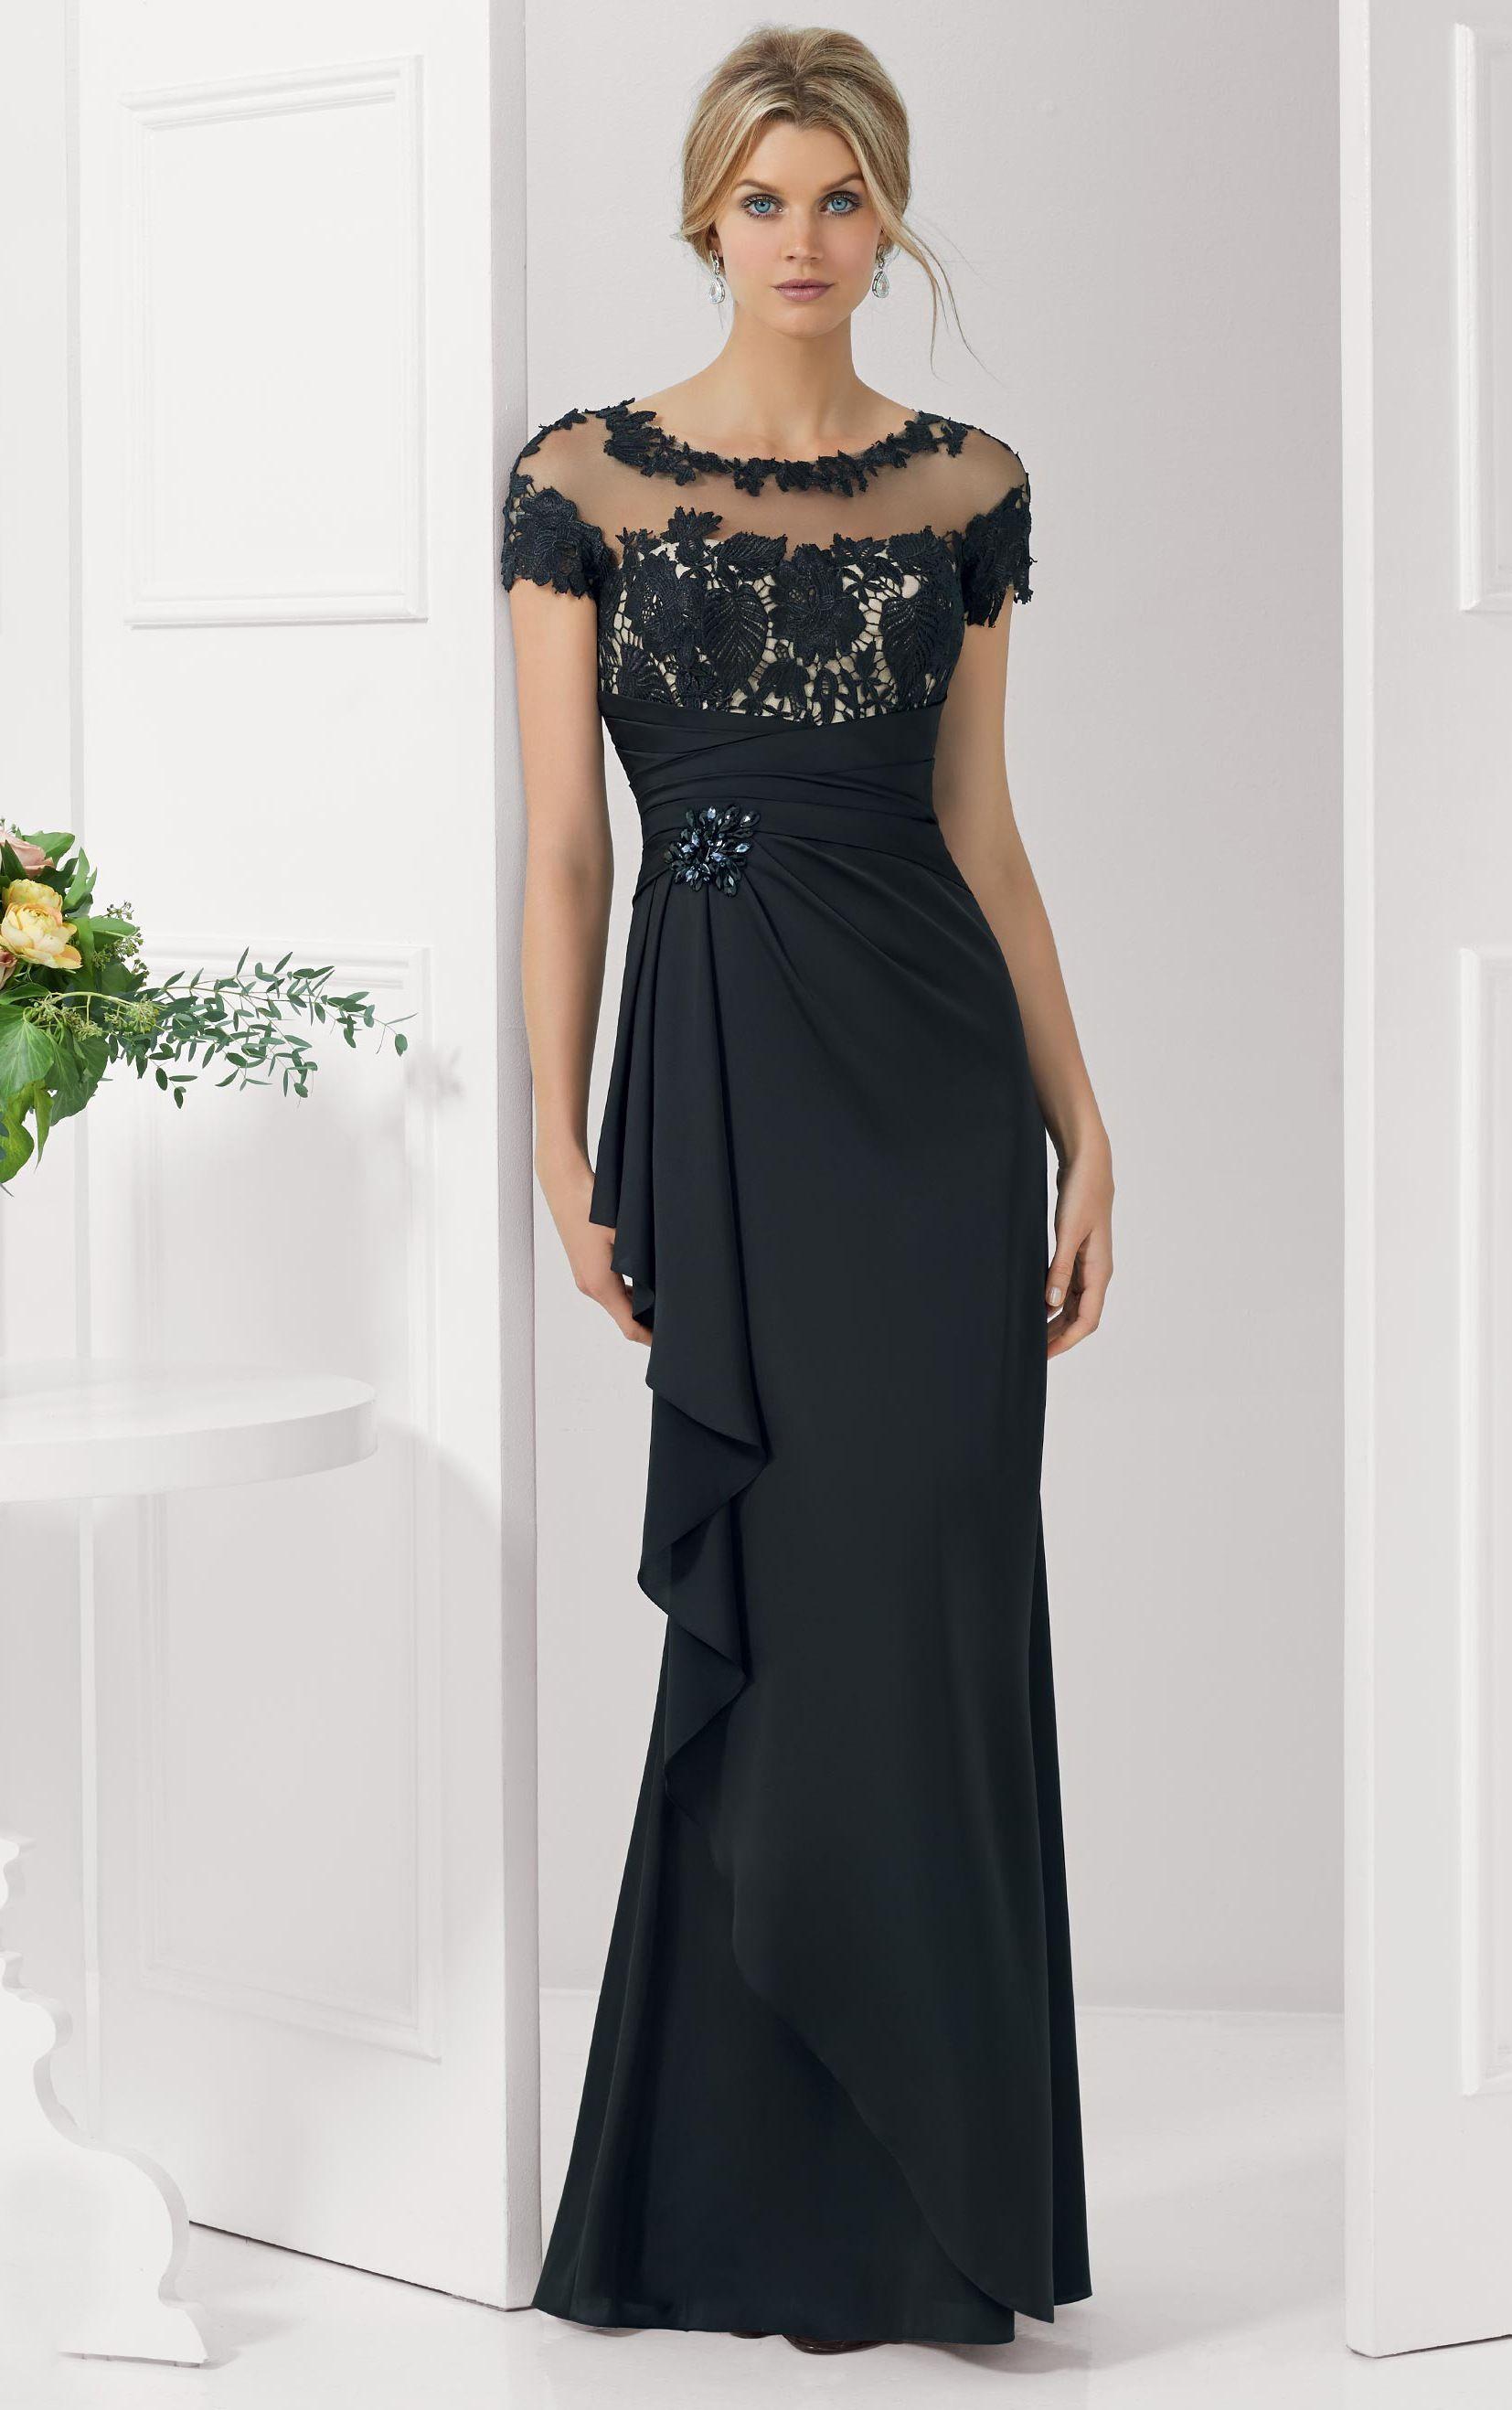 Siyah Abiye Elbise Modelleri 2019 En Sik Gece Elbiseleri Elbise The Dress Aksamustu Giysileri